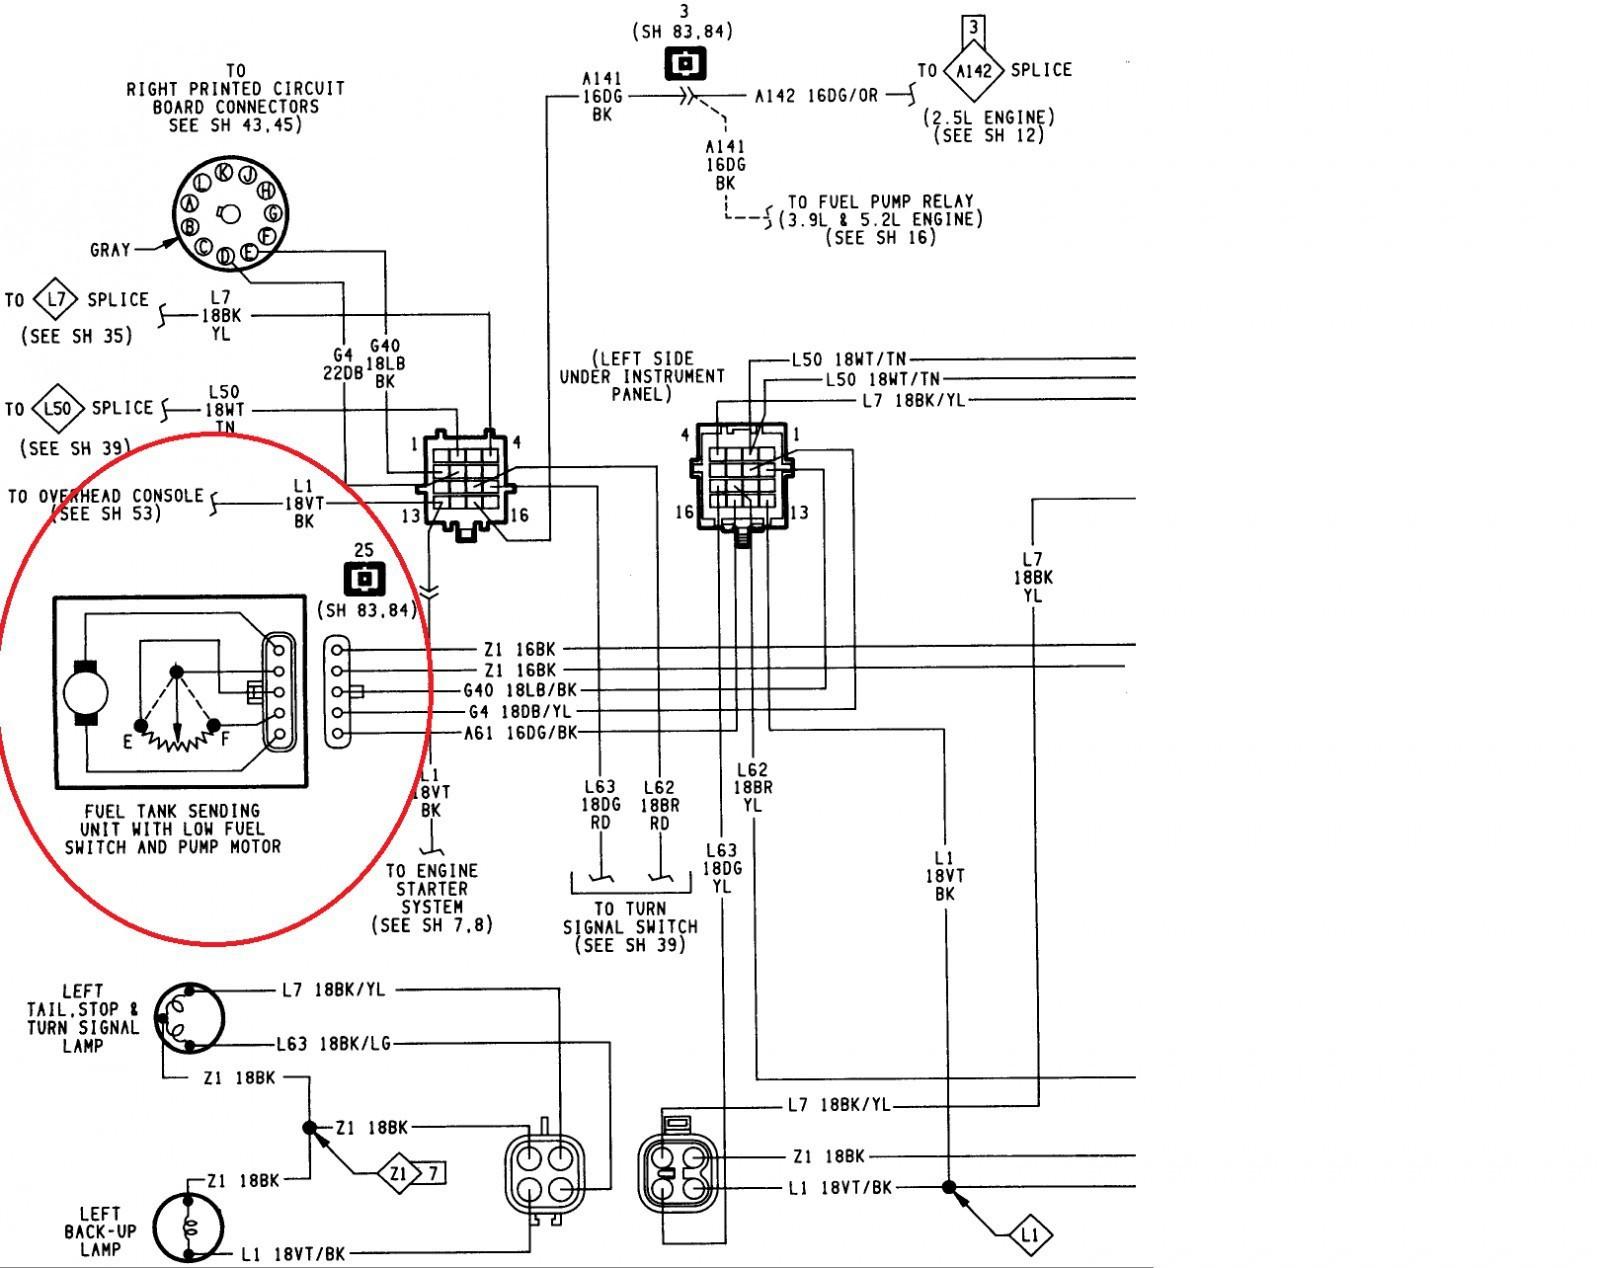 hight resolution of vdo clock wiring diagram wiring diagram inside vdo 370 155 wiring diagram